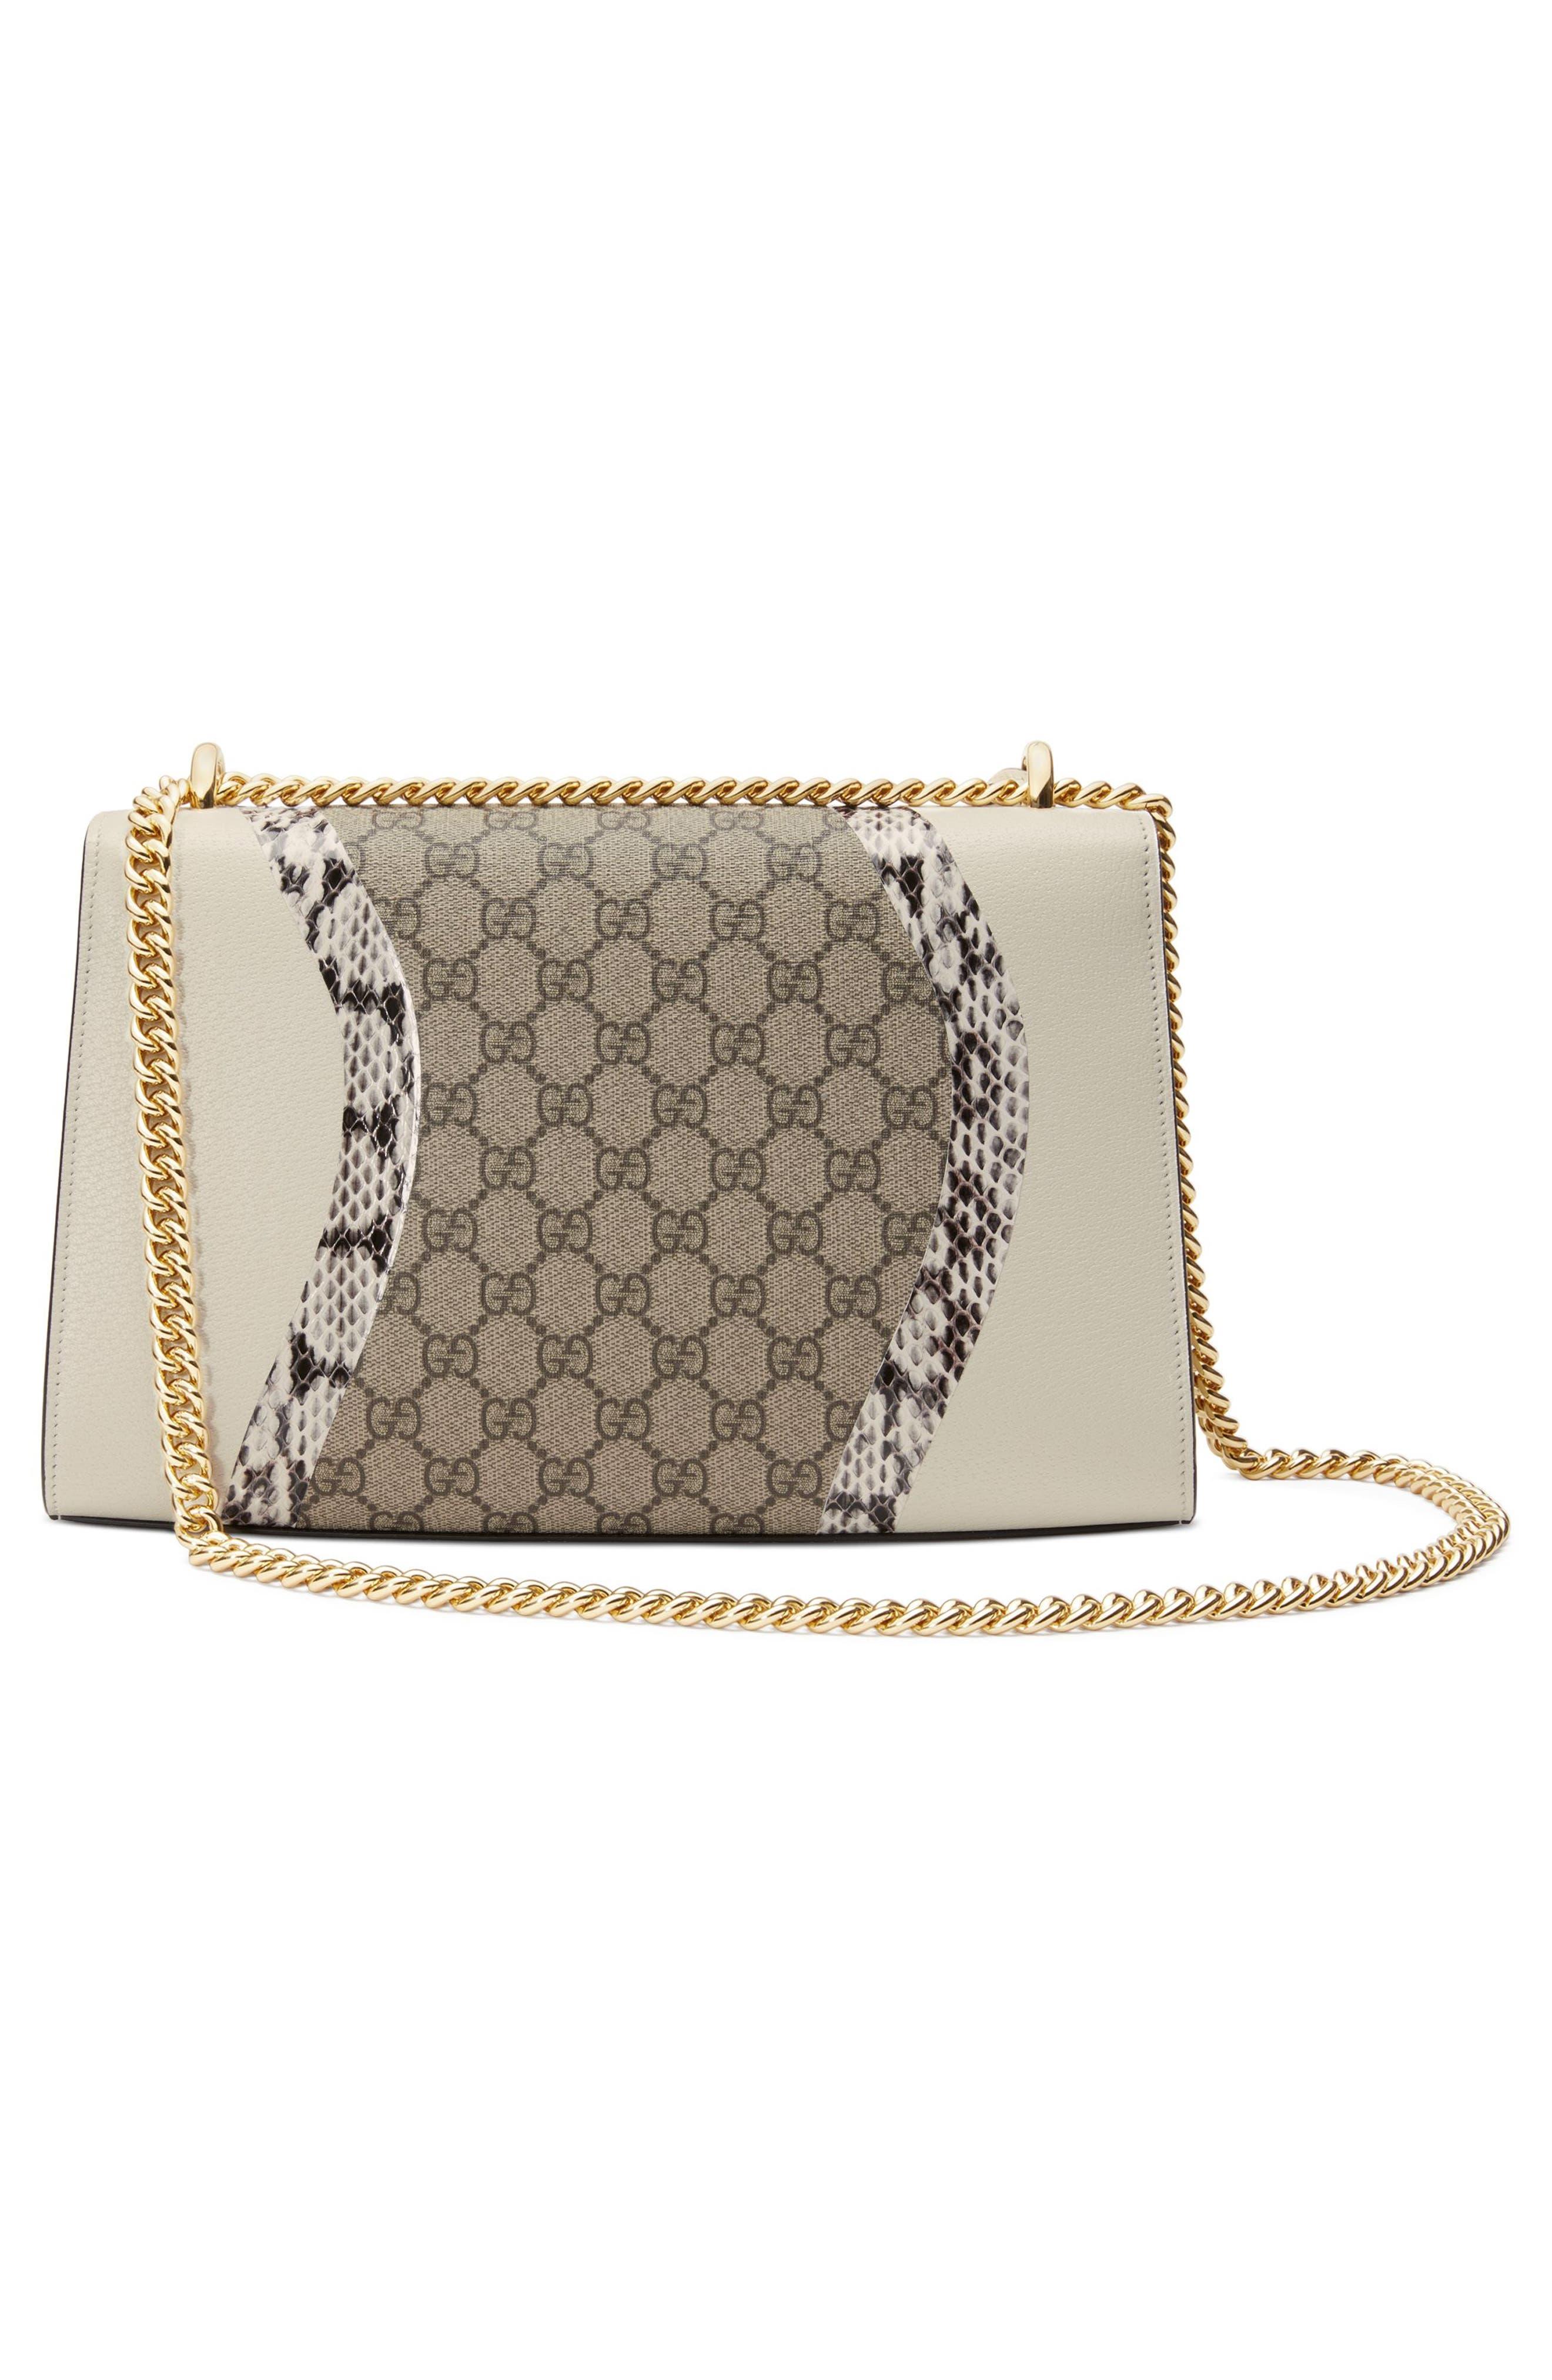 Medium Padlock GG Supreme Wave Shoulder Bag with Genuine Snakeskin Trim,                             Alternate thumbnail 2, color,